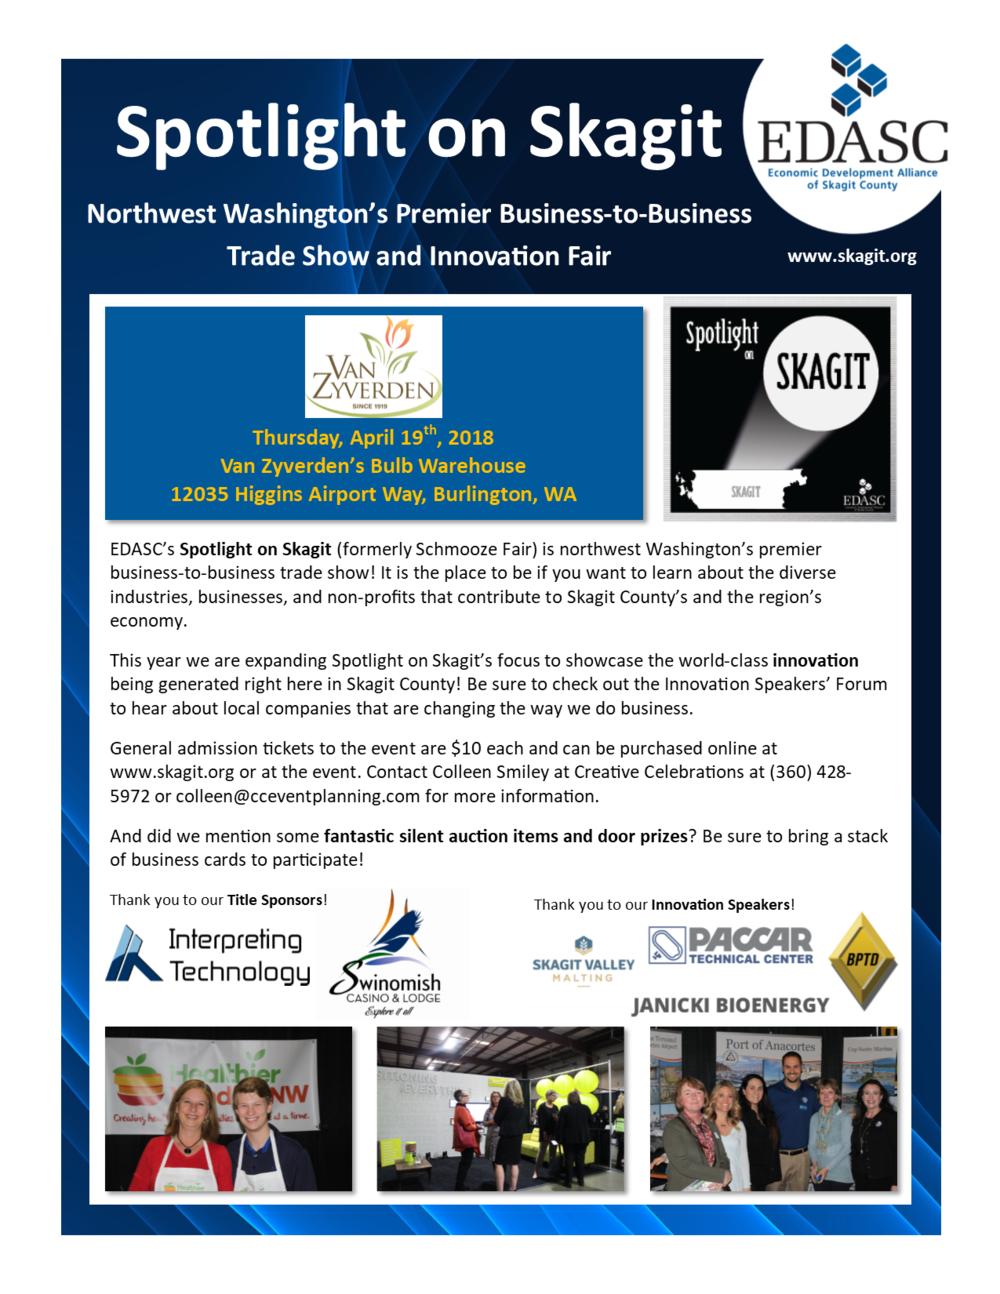 Spotlight on Skagit Flyer.png